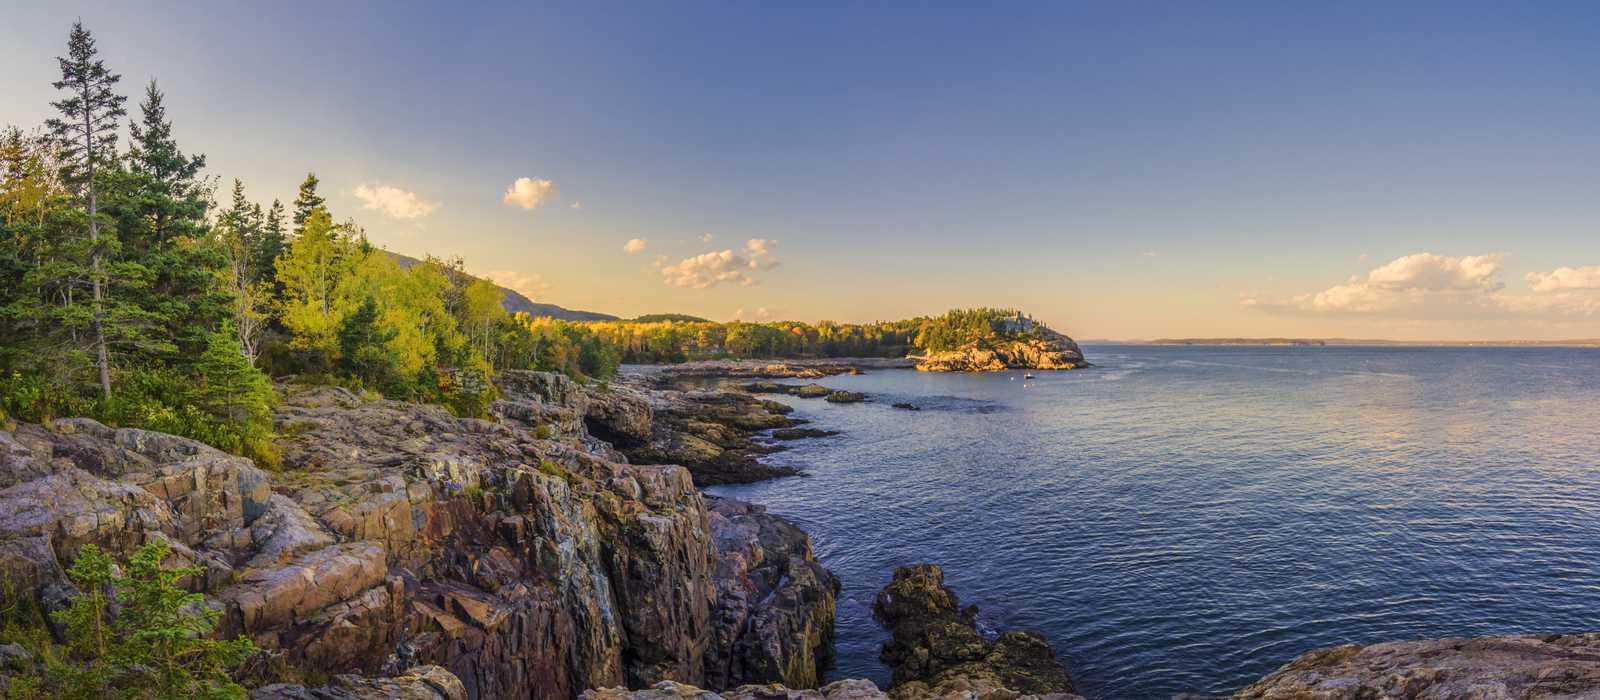 Der Acadia-Nationalpark ist ein 19.000 ha großes Erholungsgebiet an der Atlantikküste von Maine